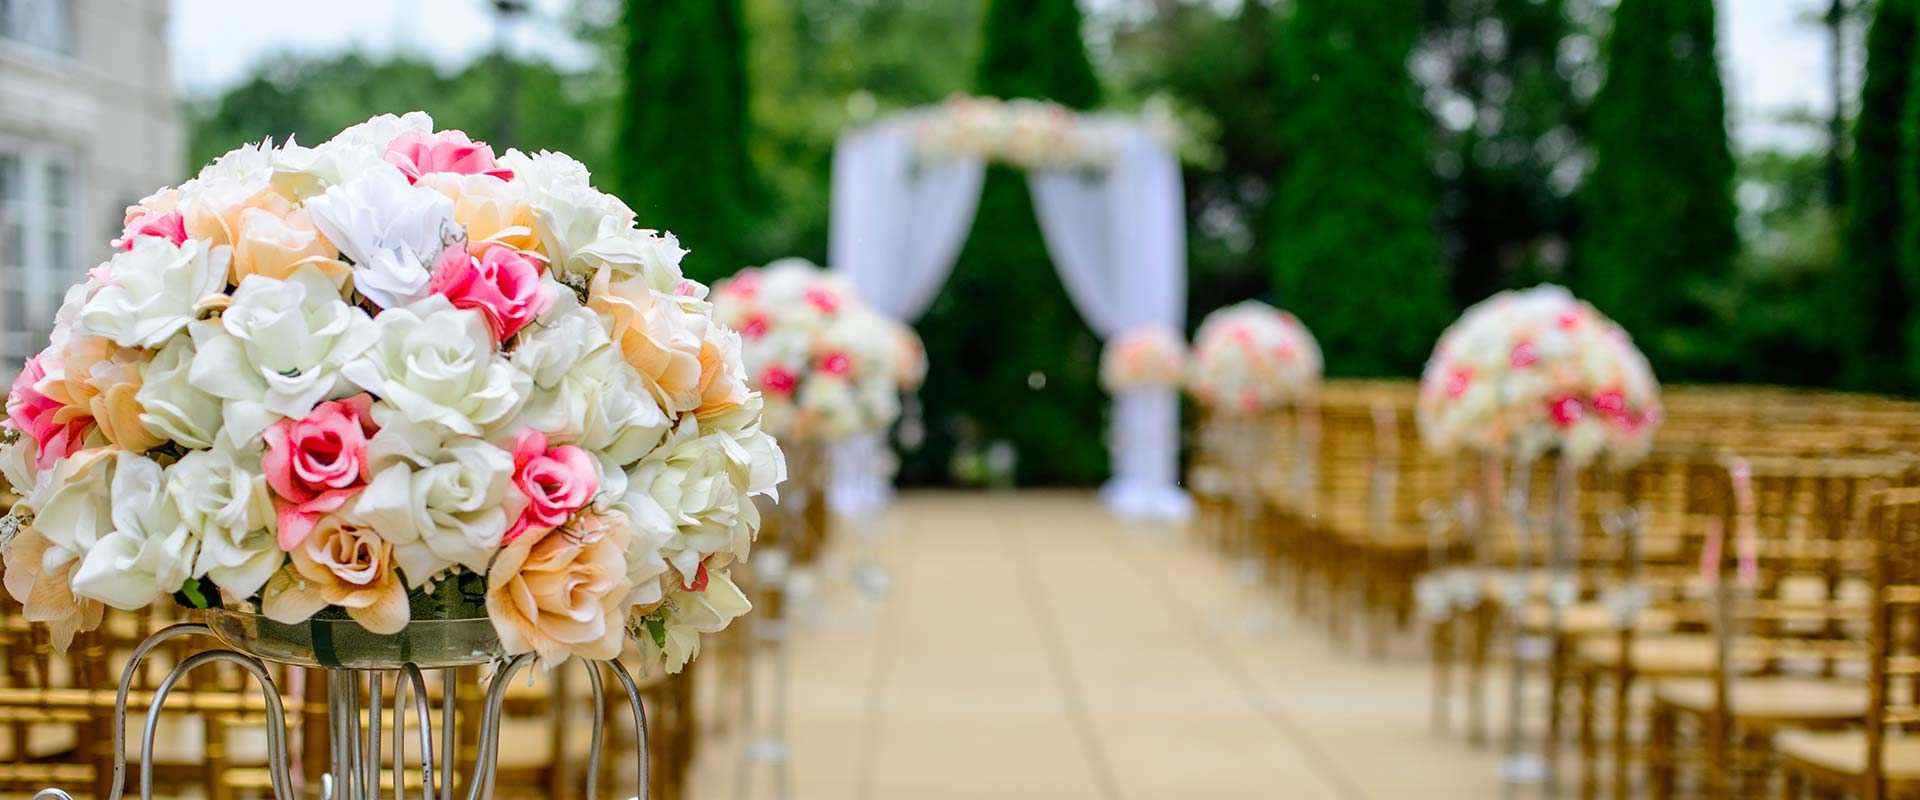 location ideale per il tuo matrimonio